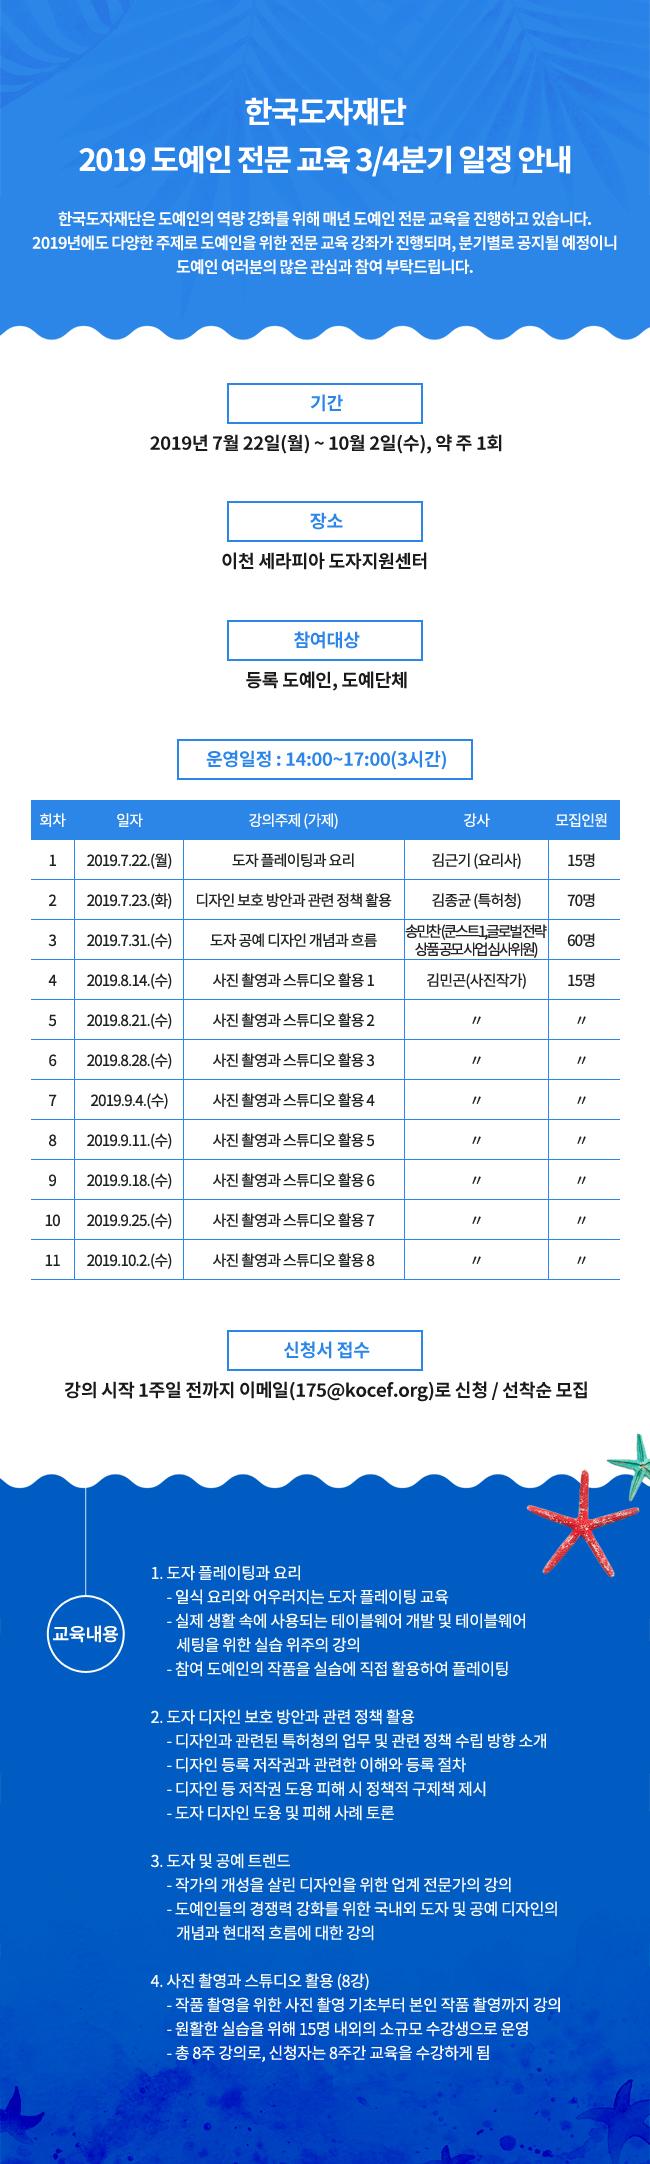 한국도자재단 2019 도예인 전문 교육 3/4분기 일정 안내